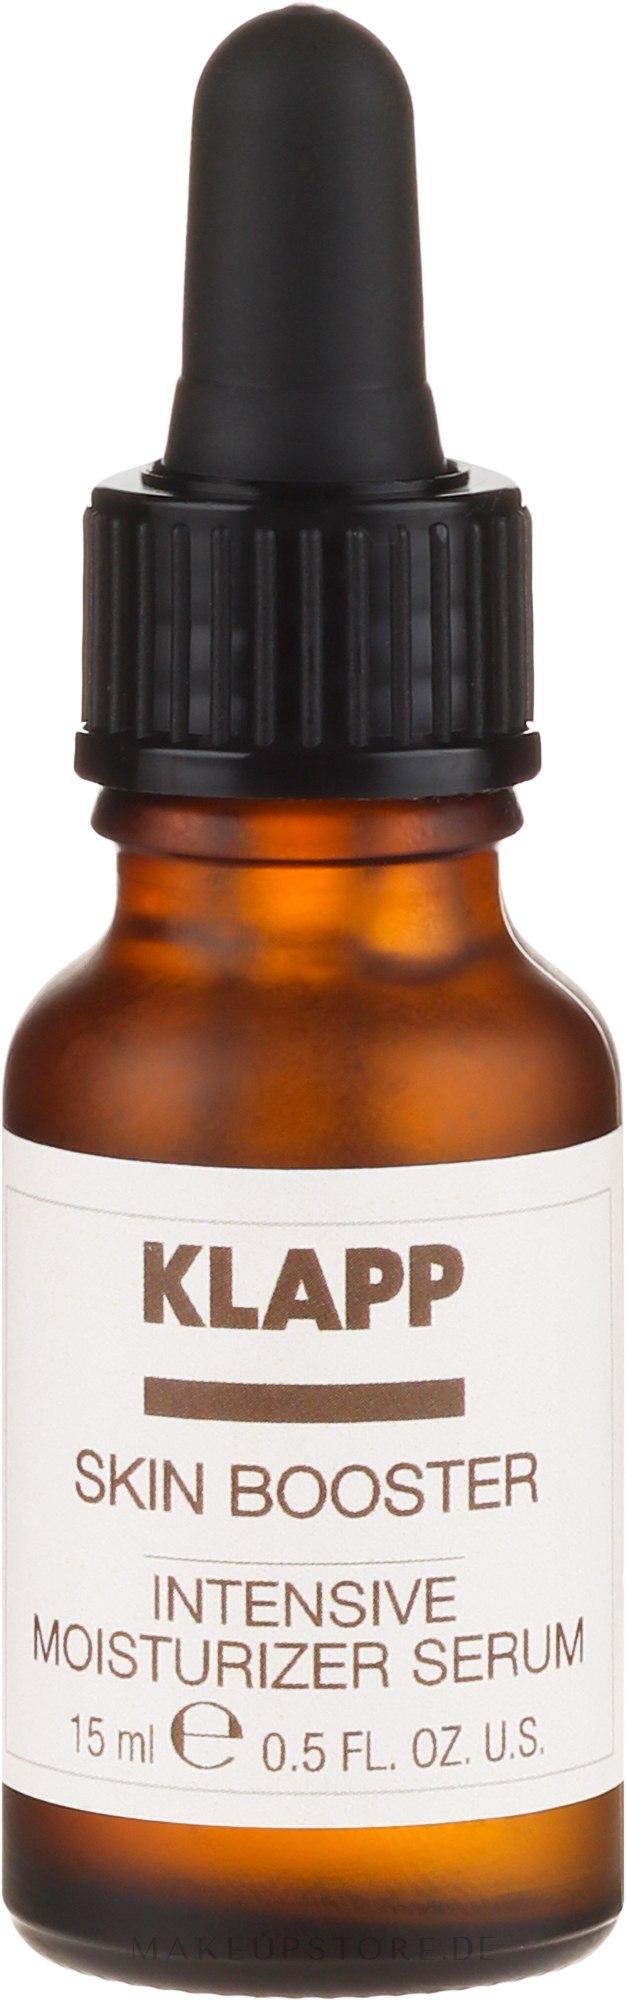 Intensiv feuchtigkeitsspendendes Gesichtsserum - Klapp Skin Intense Moisturizer Serum — Bild 15 ml